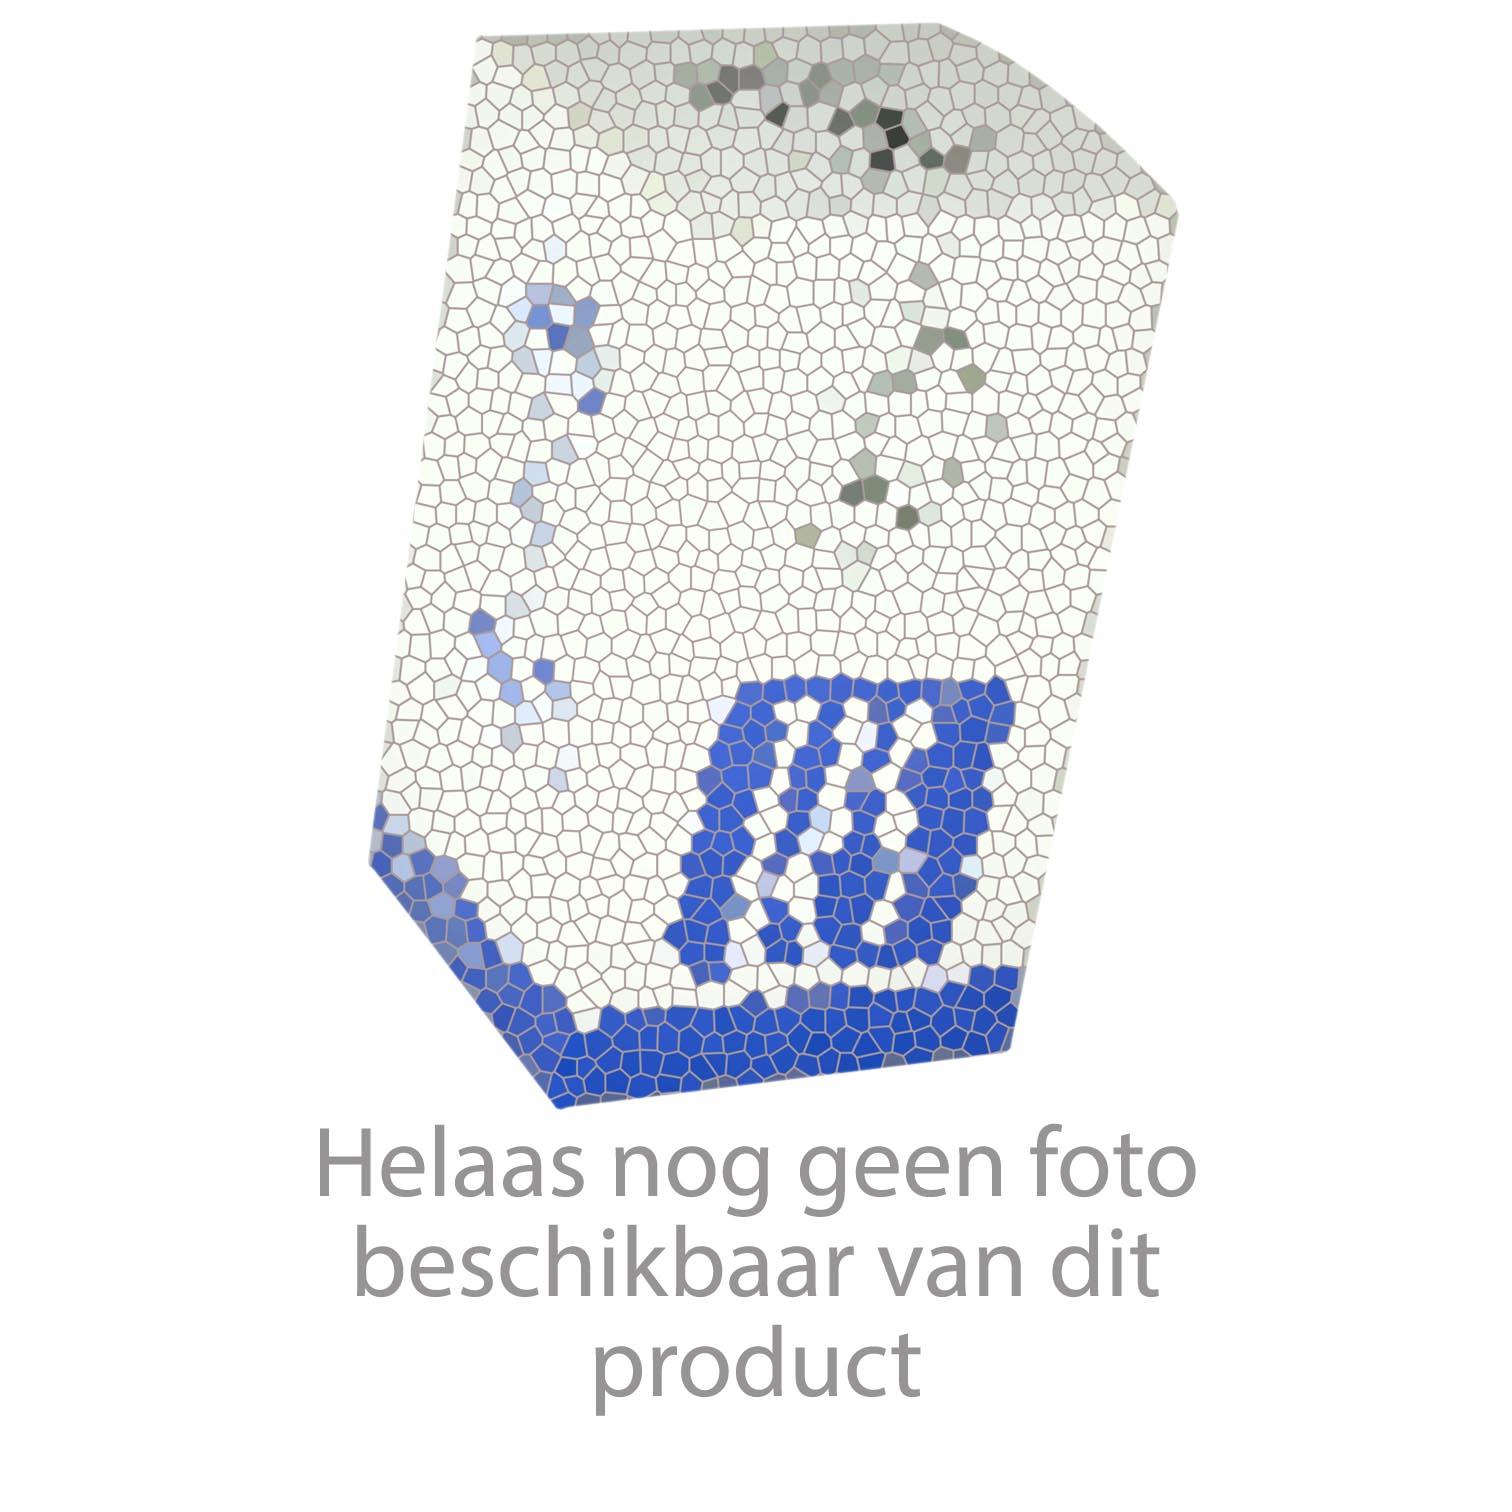 Vola Inbouwthermostaat met 3-weg omstel handdouche regendouche en 4 zijsprays. Geborsteld Choom